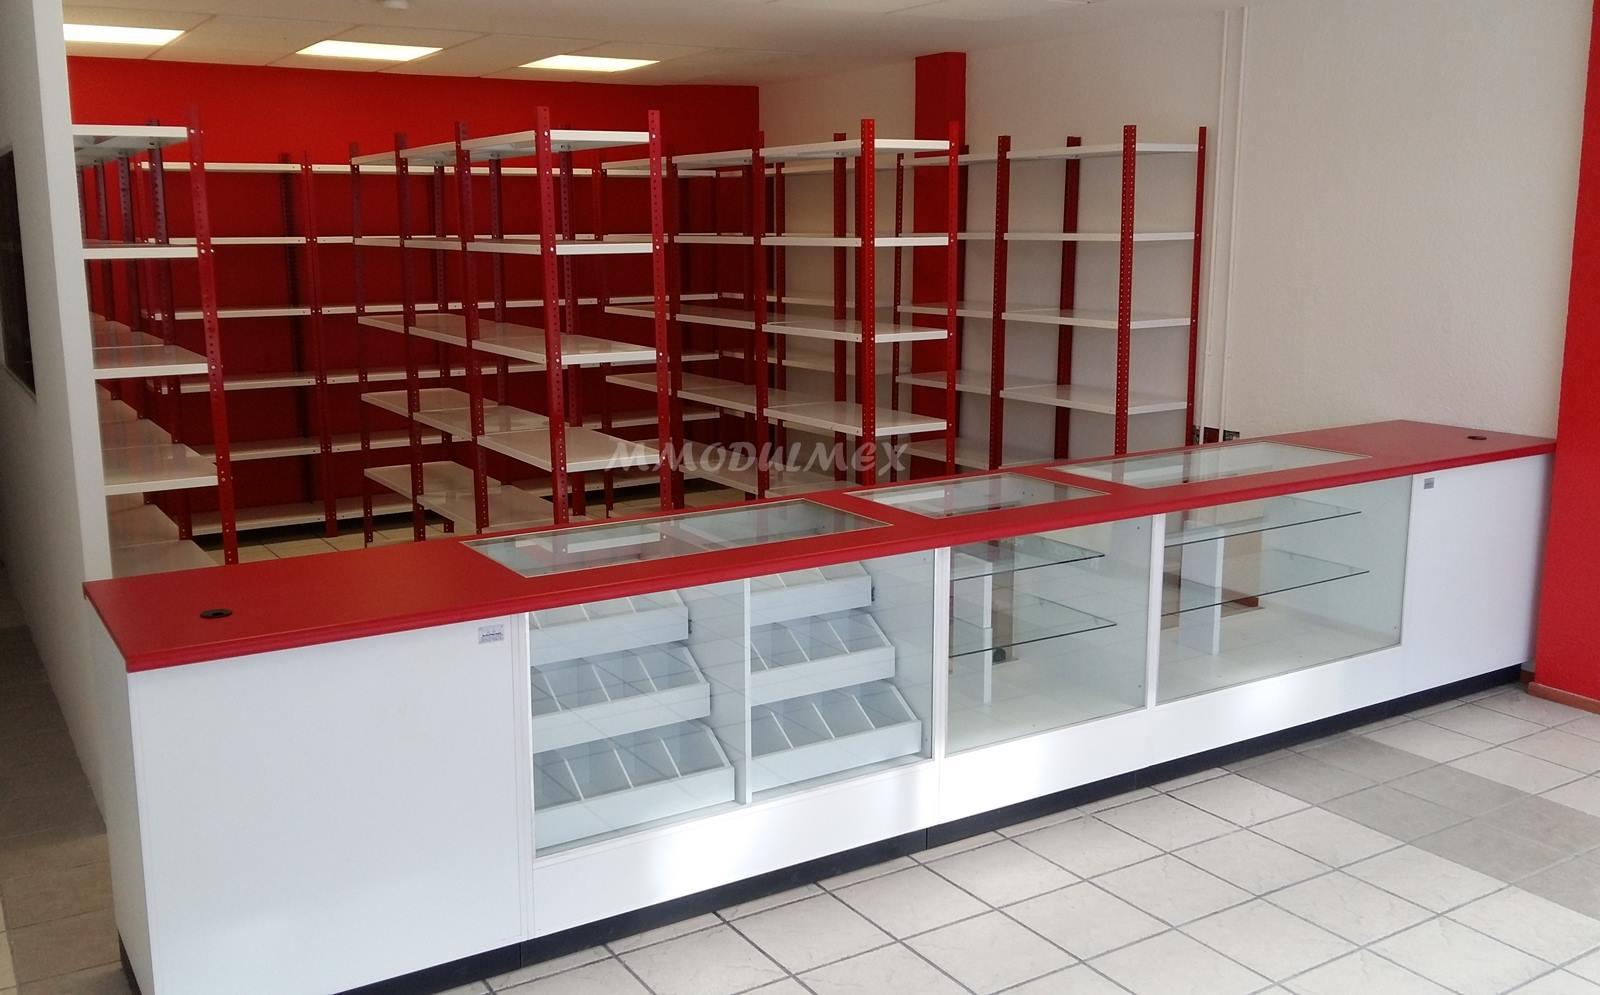 Muebles de tiendas mobiliario de oficina muebles de tienda muebles para tienda vitrinas - Disenos de mostradores ...